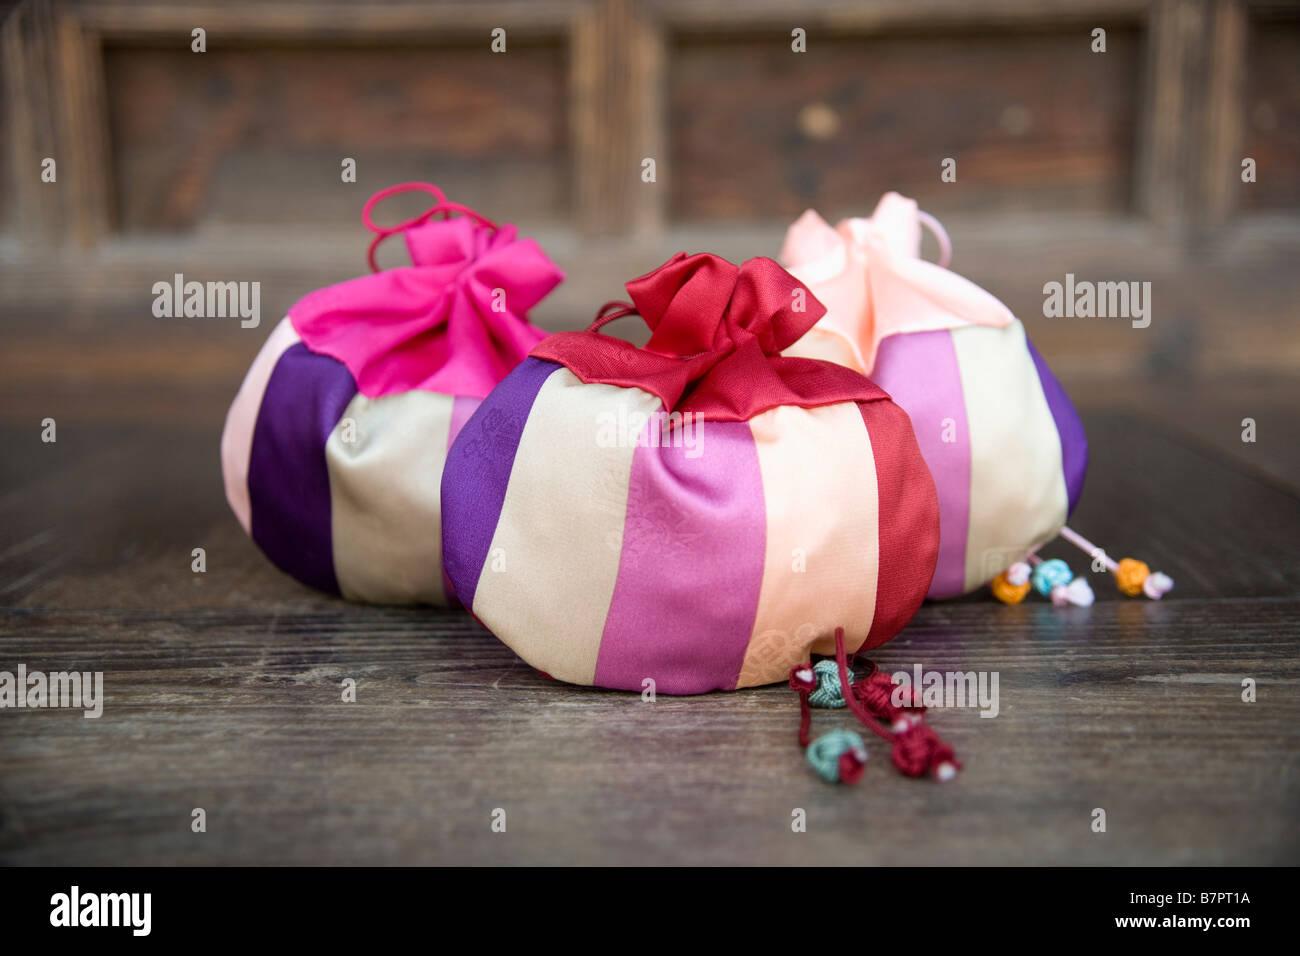 lucky bag - Stock Image